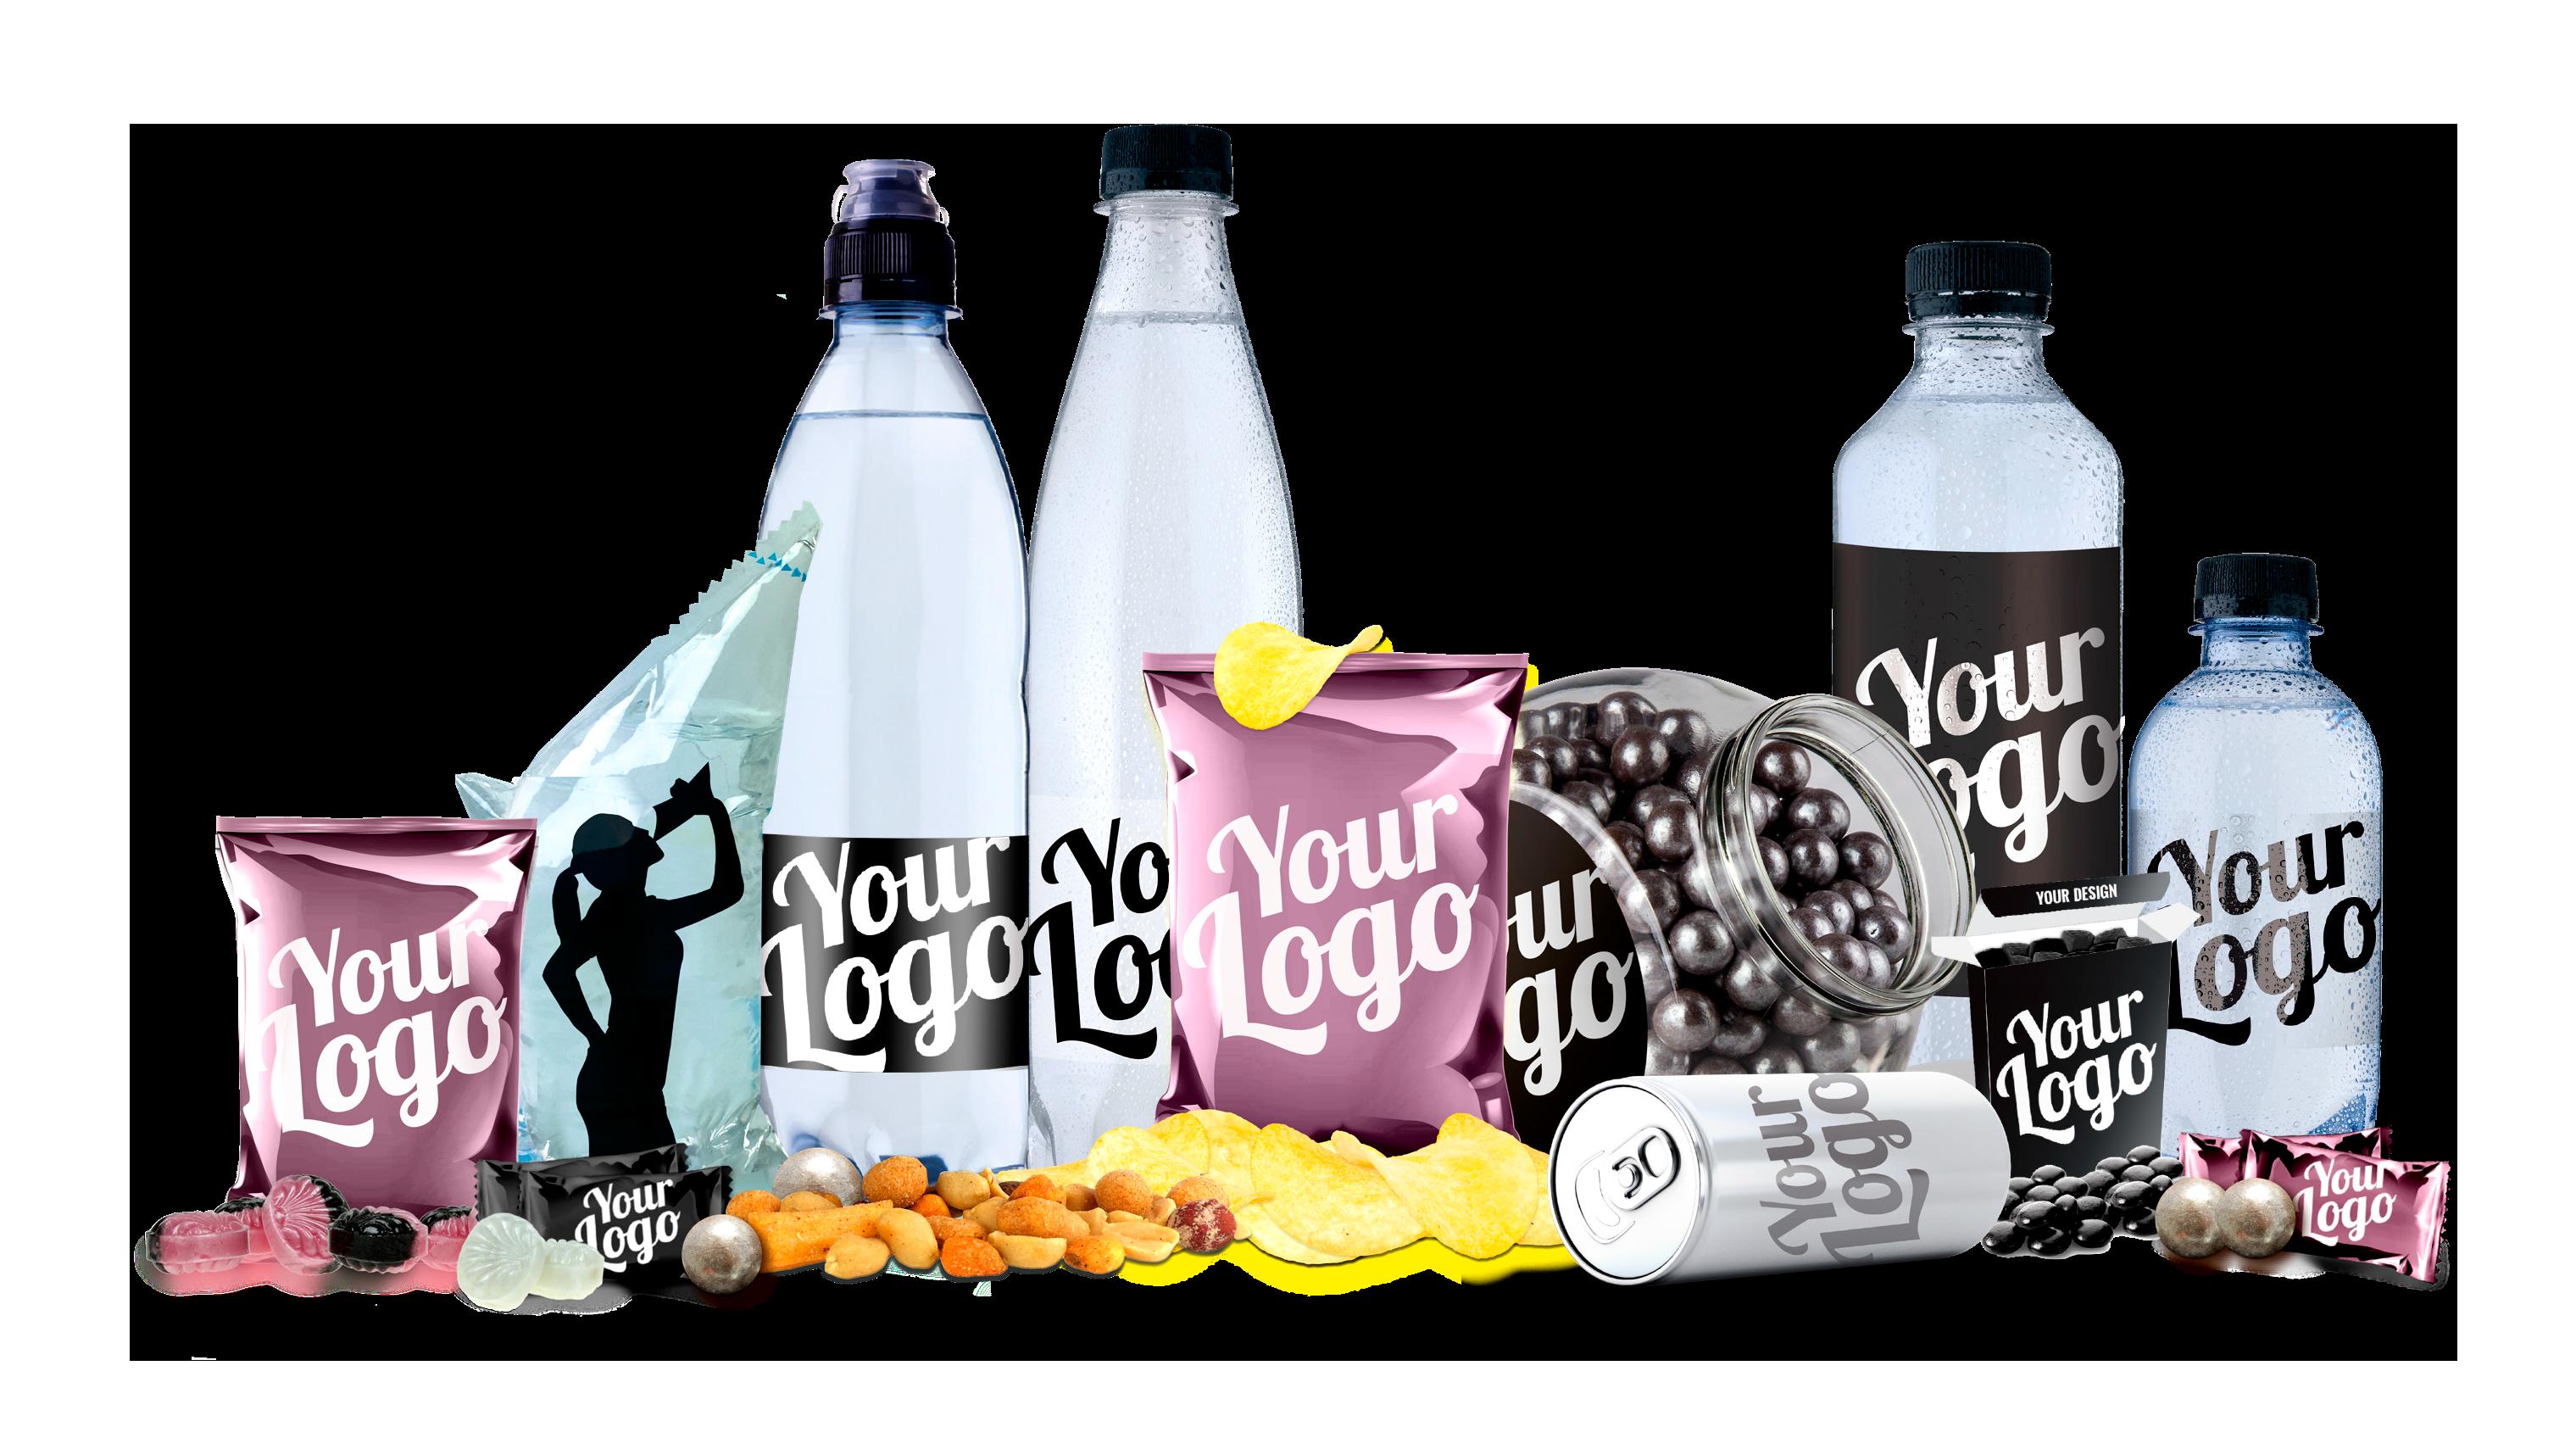 Reklamevand, energidrik og slik med logo - Private label på fødevarer